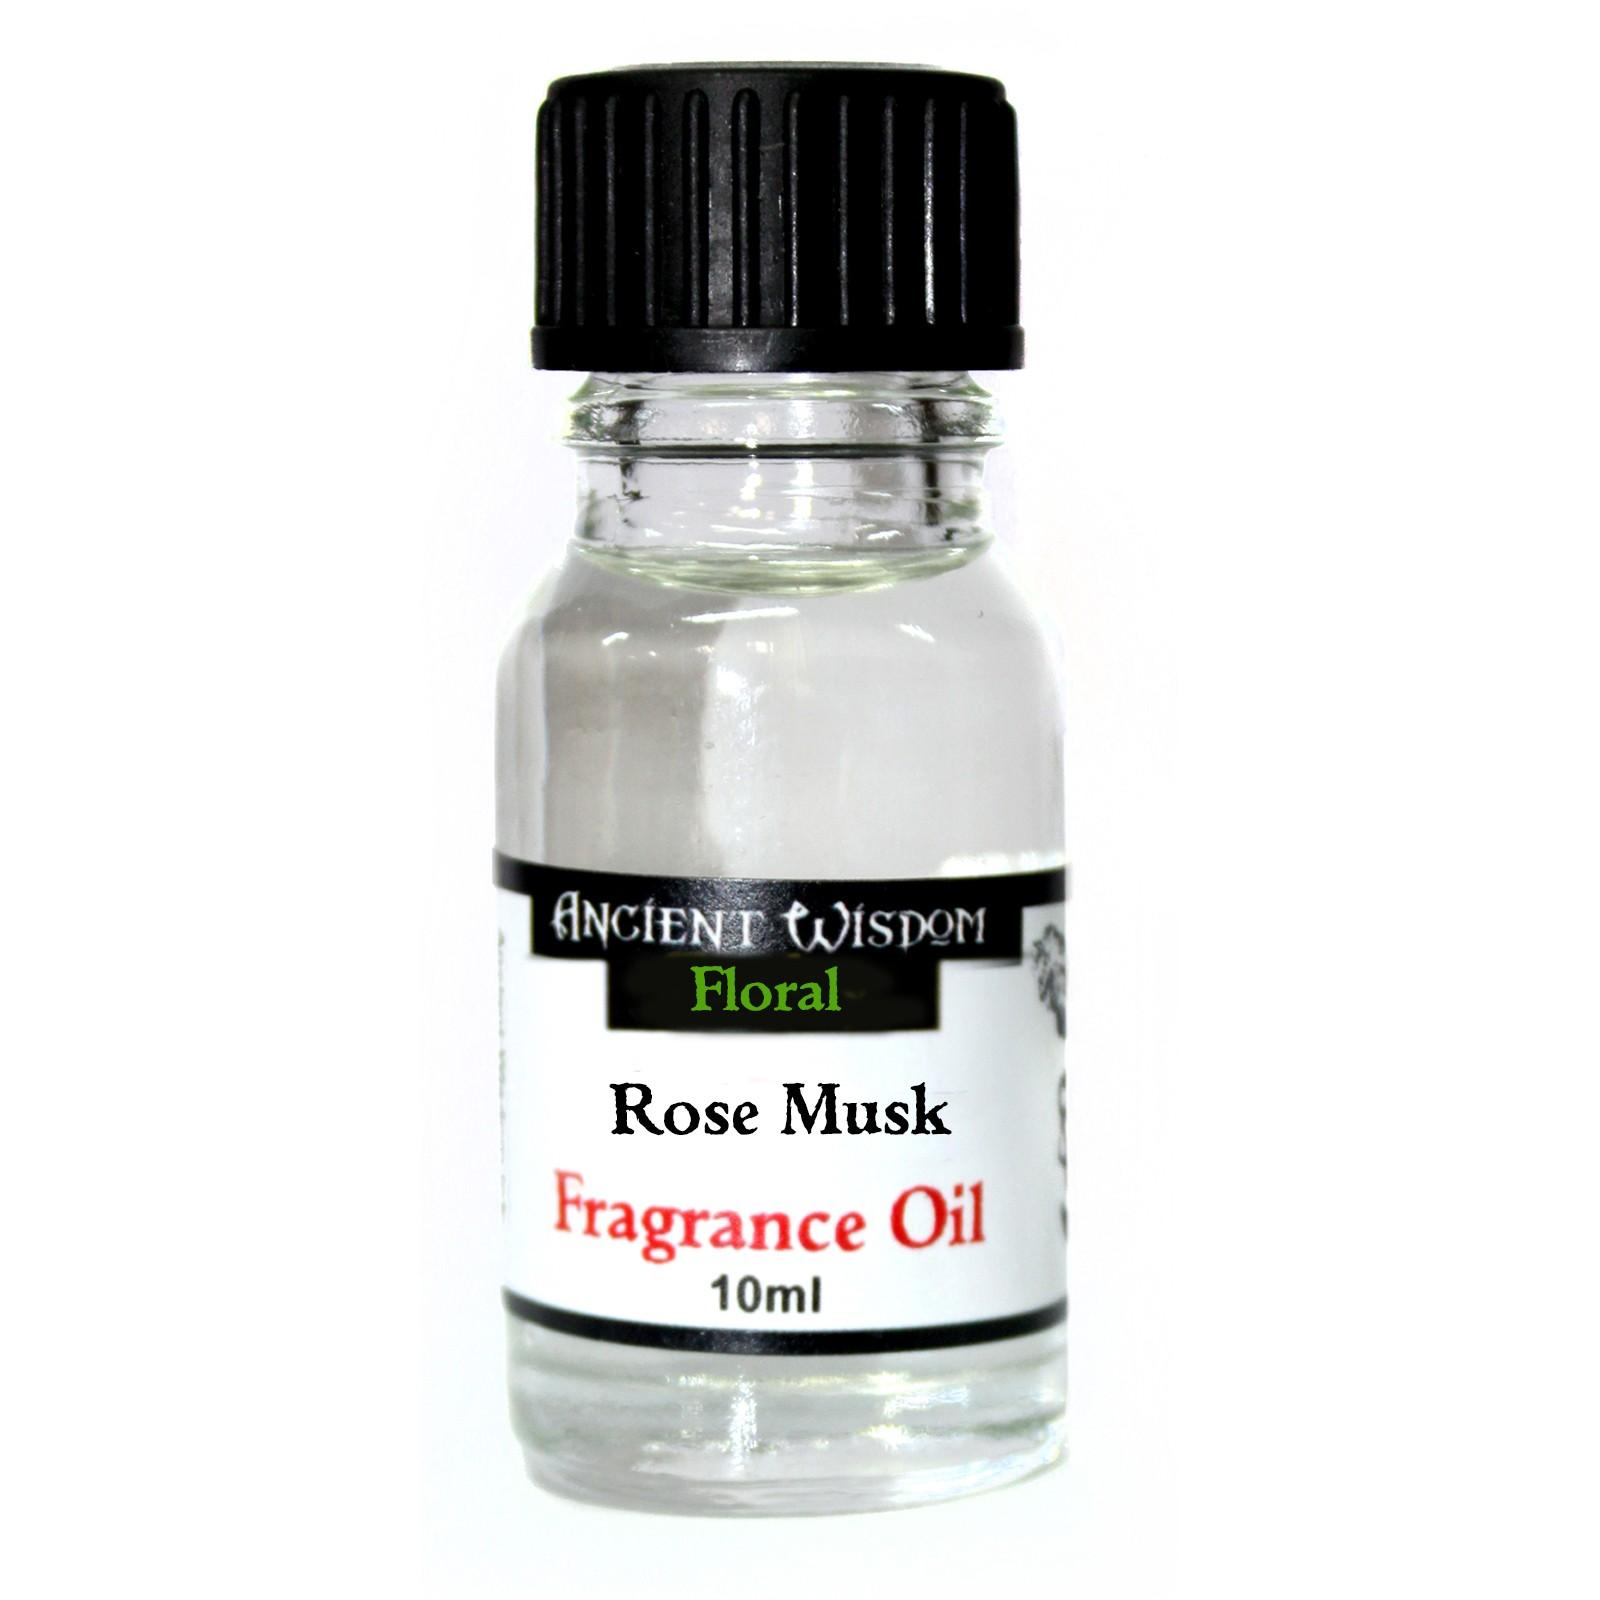 10ml Rose Musk Fragrance Oil